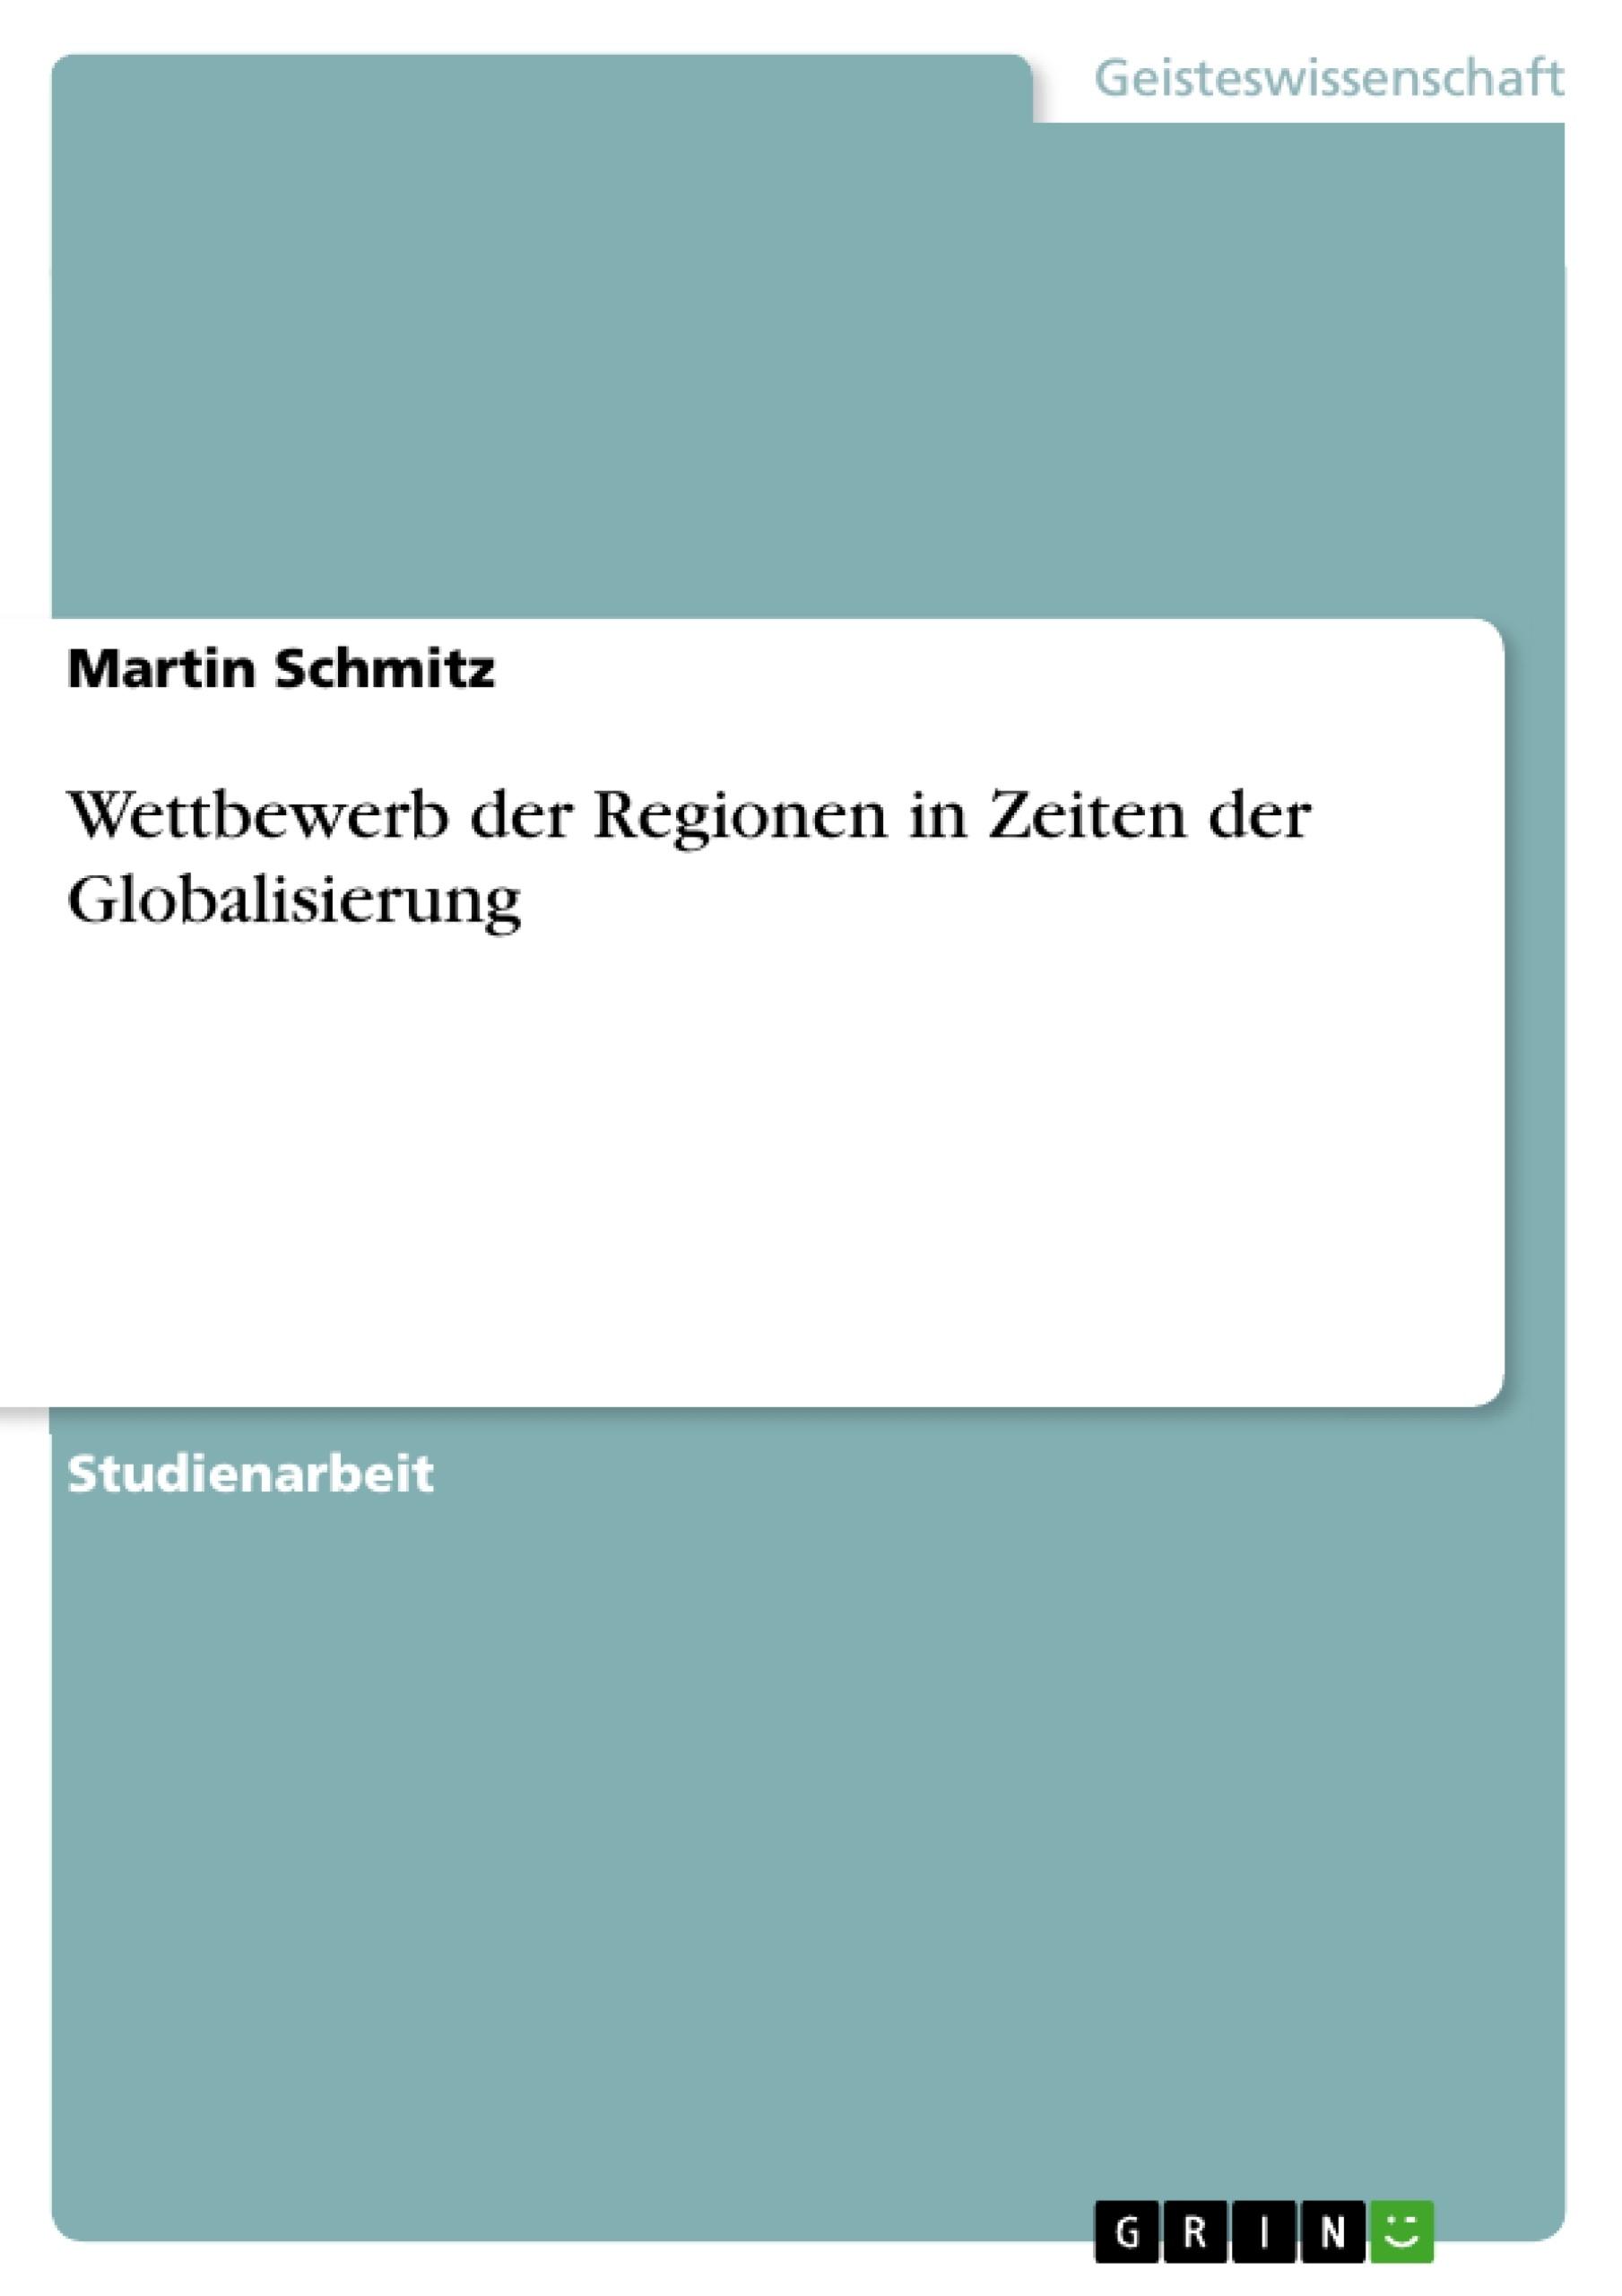 Titel: Wettbewerb der Regionen in Zeiten der Globalisierung